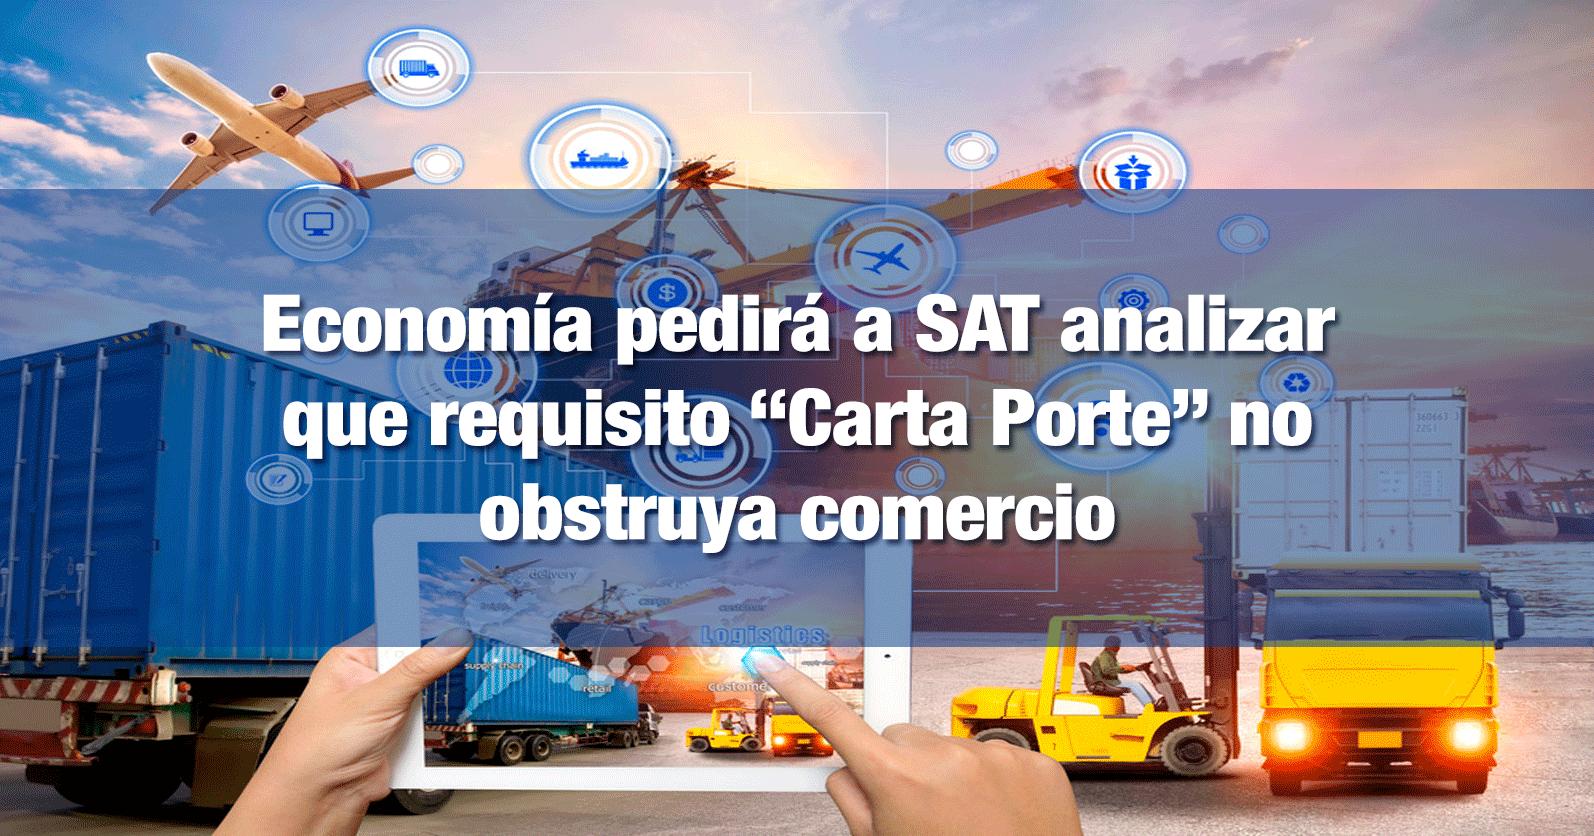 """Economía pedirá a SAT analizar que requisito """"Carta Porte"""" no obstruya comercio"""